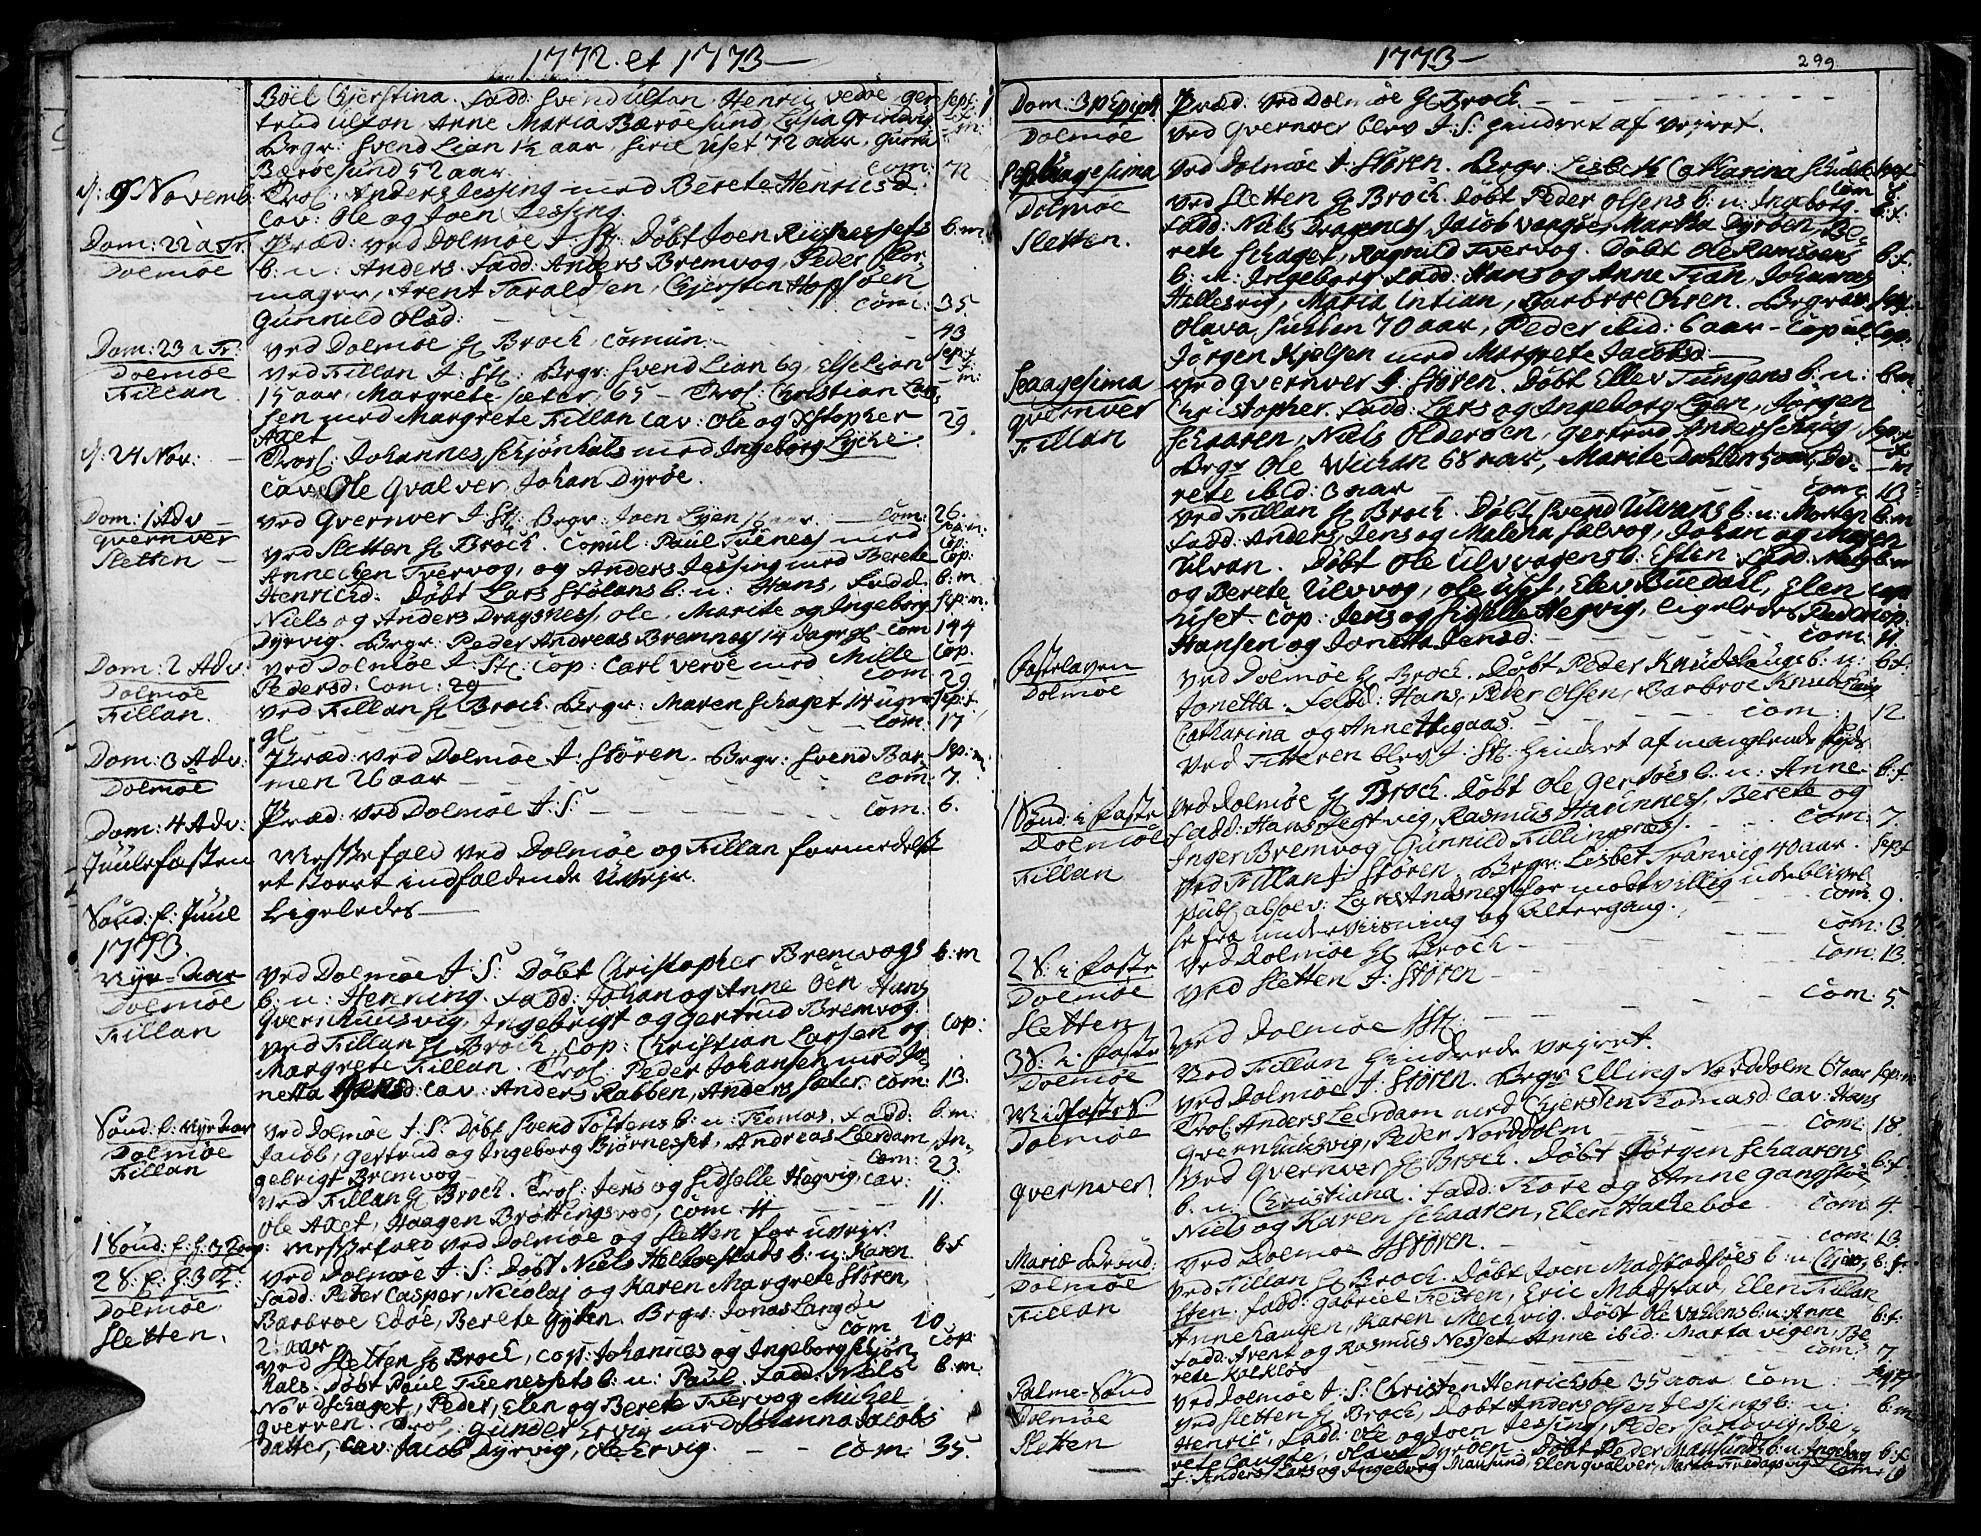 SAT, Ministerialprotokoller, klokkerbøker og fødselsregistre - Sør-Trøndelag, 634/L0525: Ministerialbok nr. 634A01, 1736-1775, s. 299